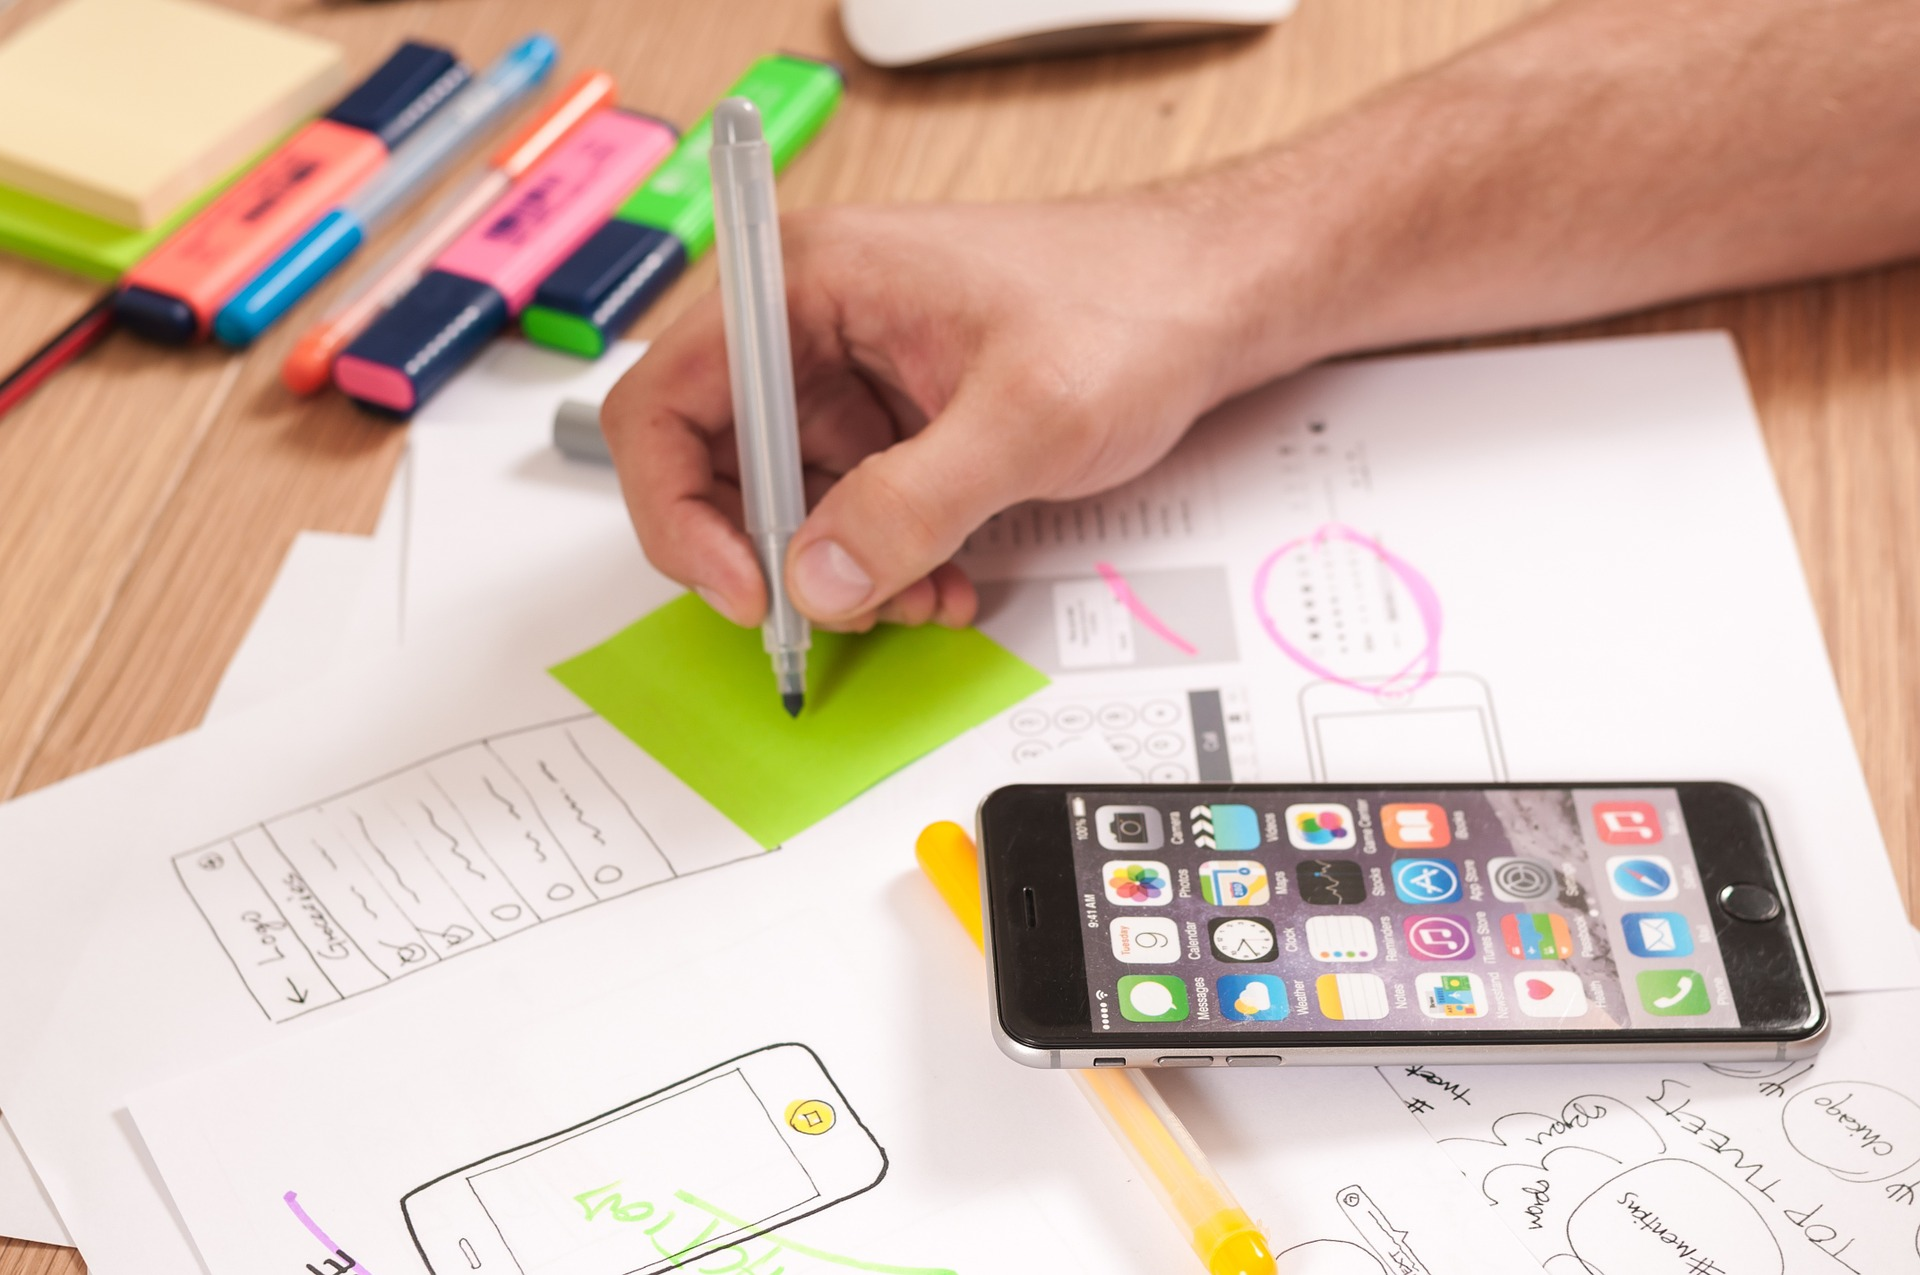 اصول طراحی اپلیکیشن موبایل